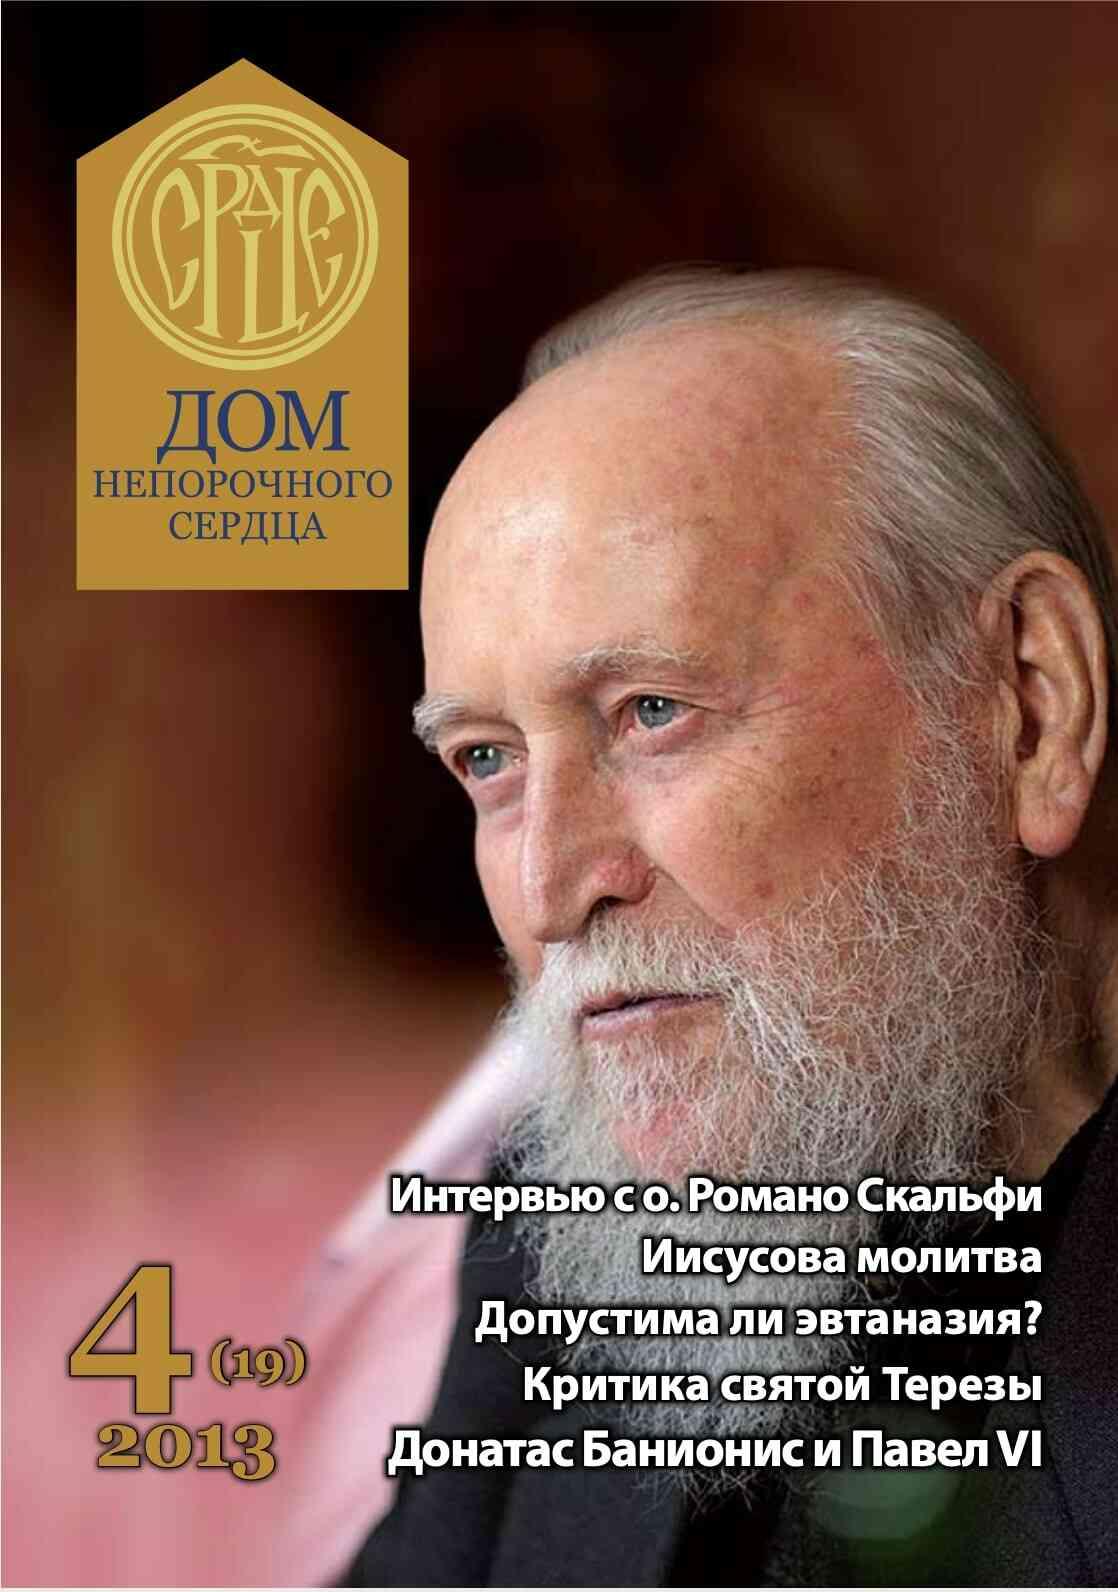 Журнал «Дом Непорочного Сердца» № 4 (19) 2013 год